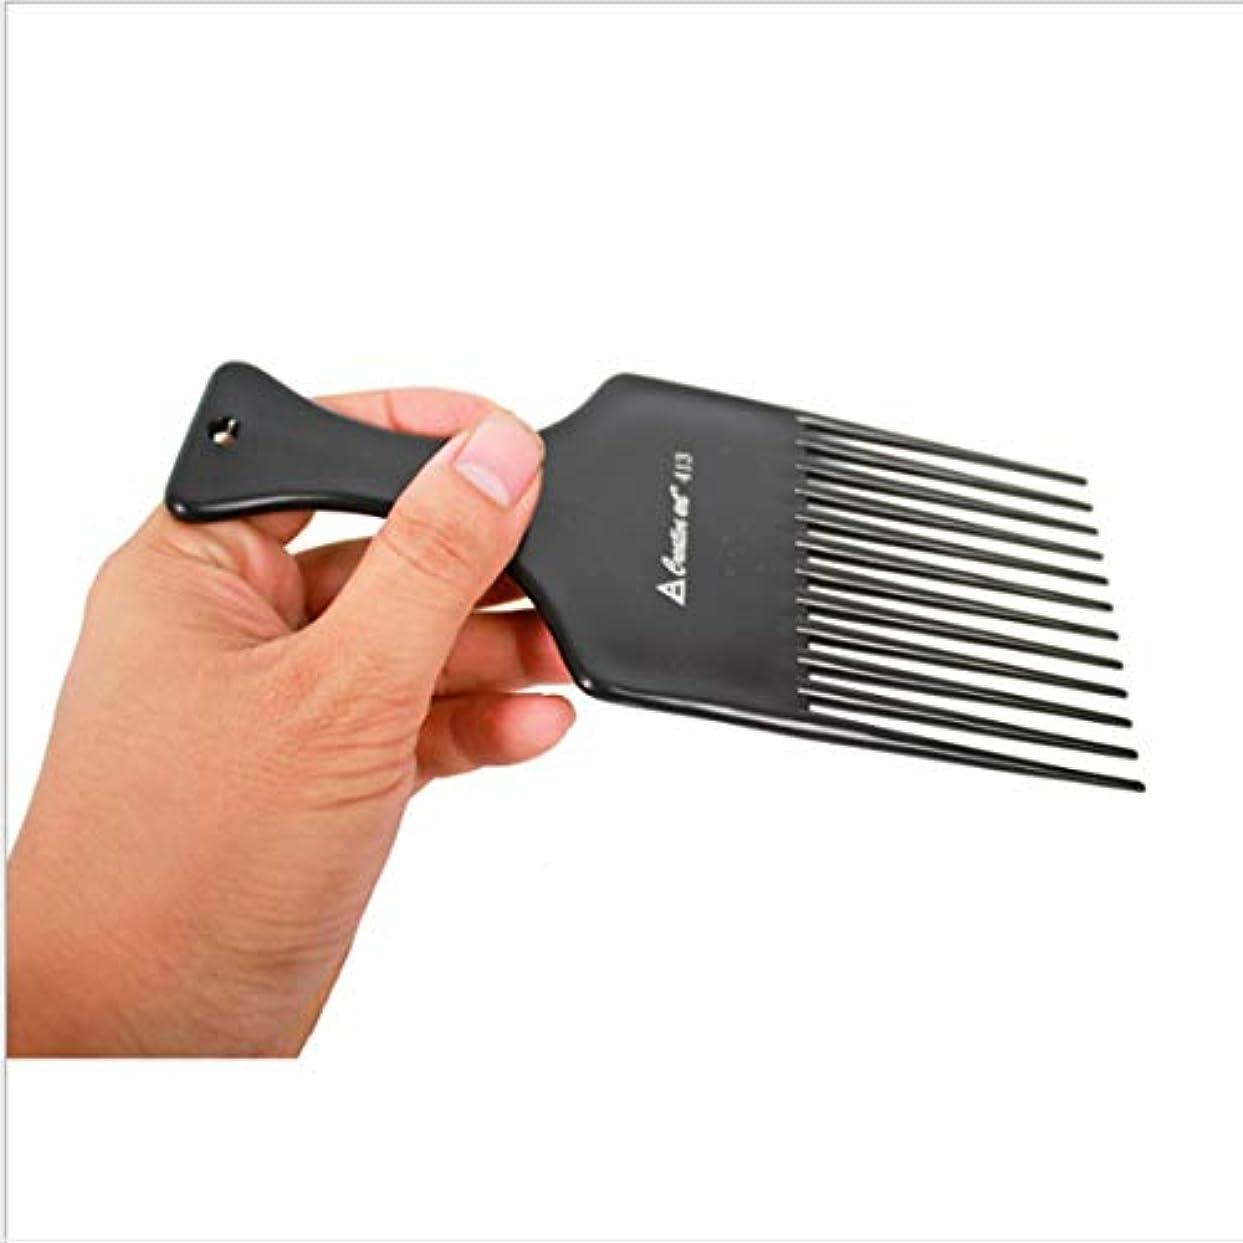 シソーラス不適顕現Guomao 理髪師のフォーク-7inchの長さのための滑らかな毛の調整の熊手の櫛 (色 : 黒)